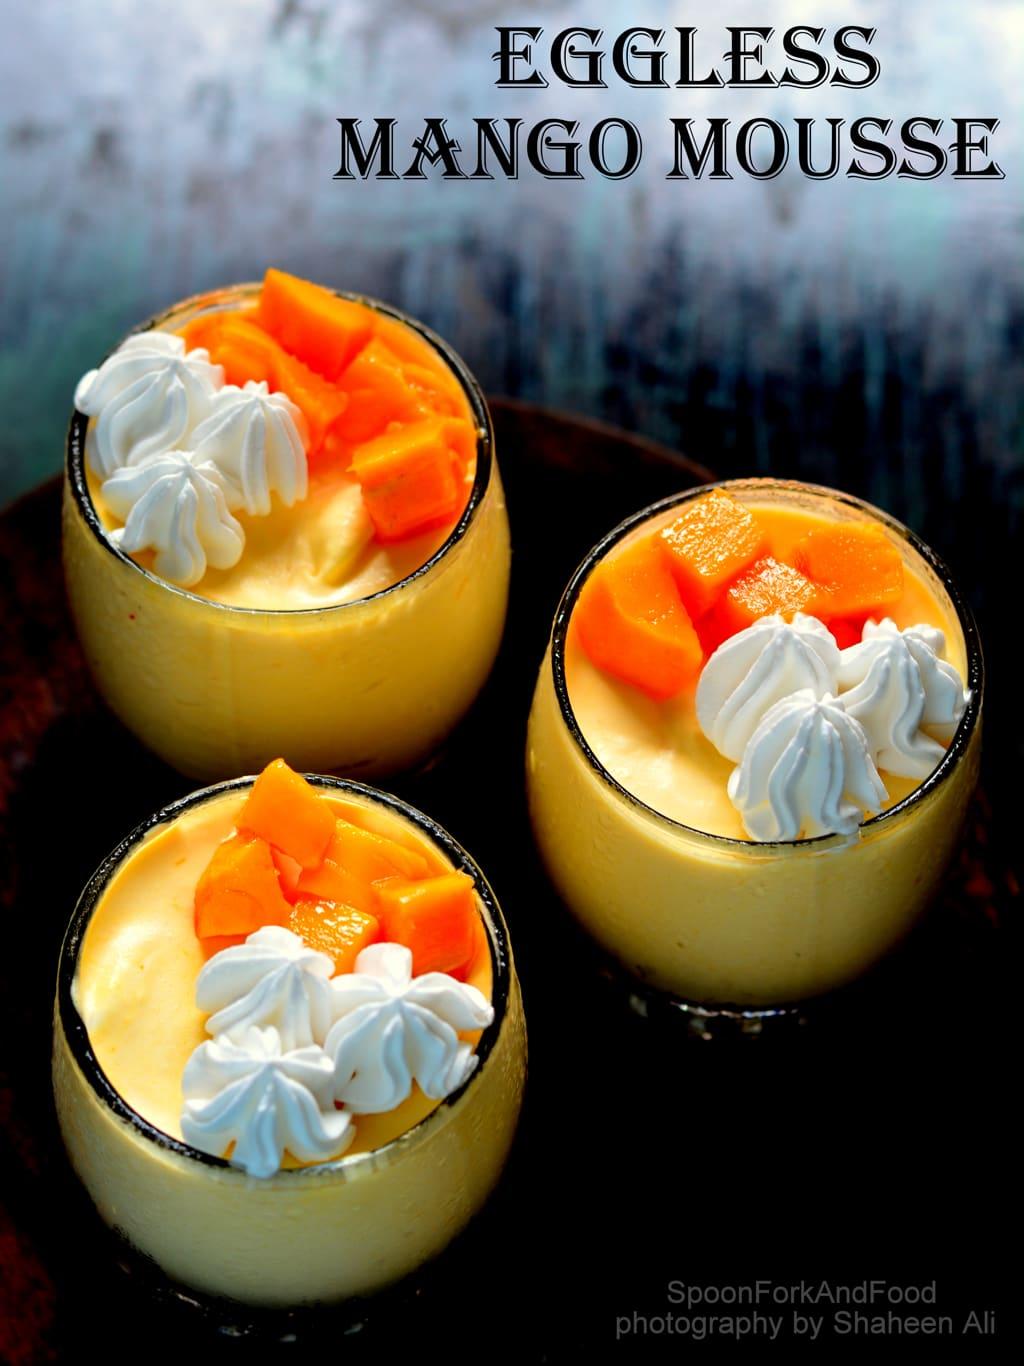 How To Make Mango Mousse Cake Without Gelatin